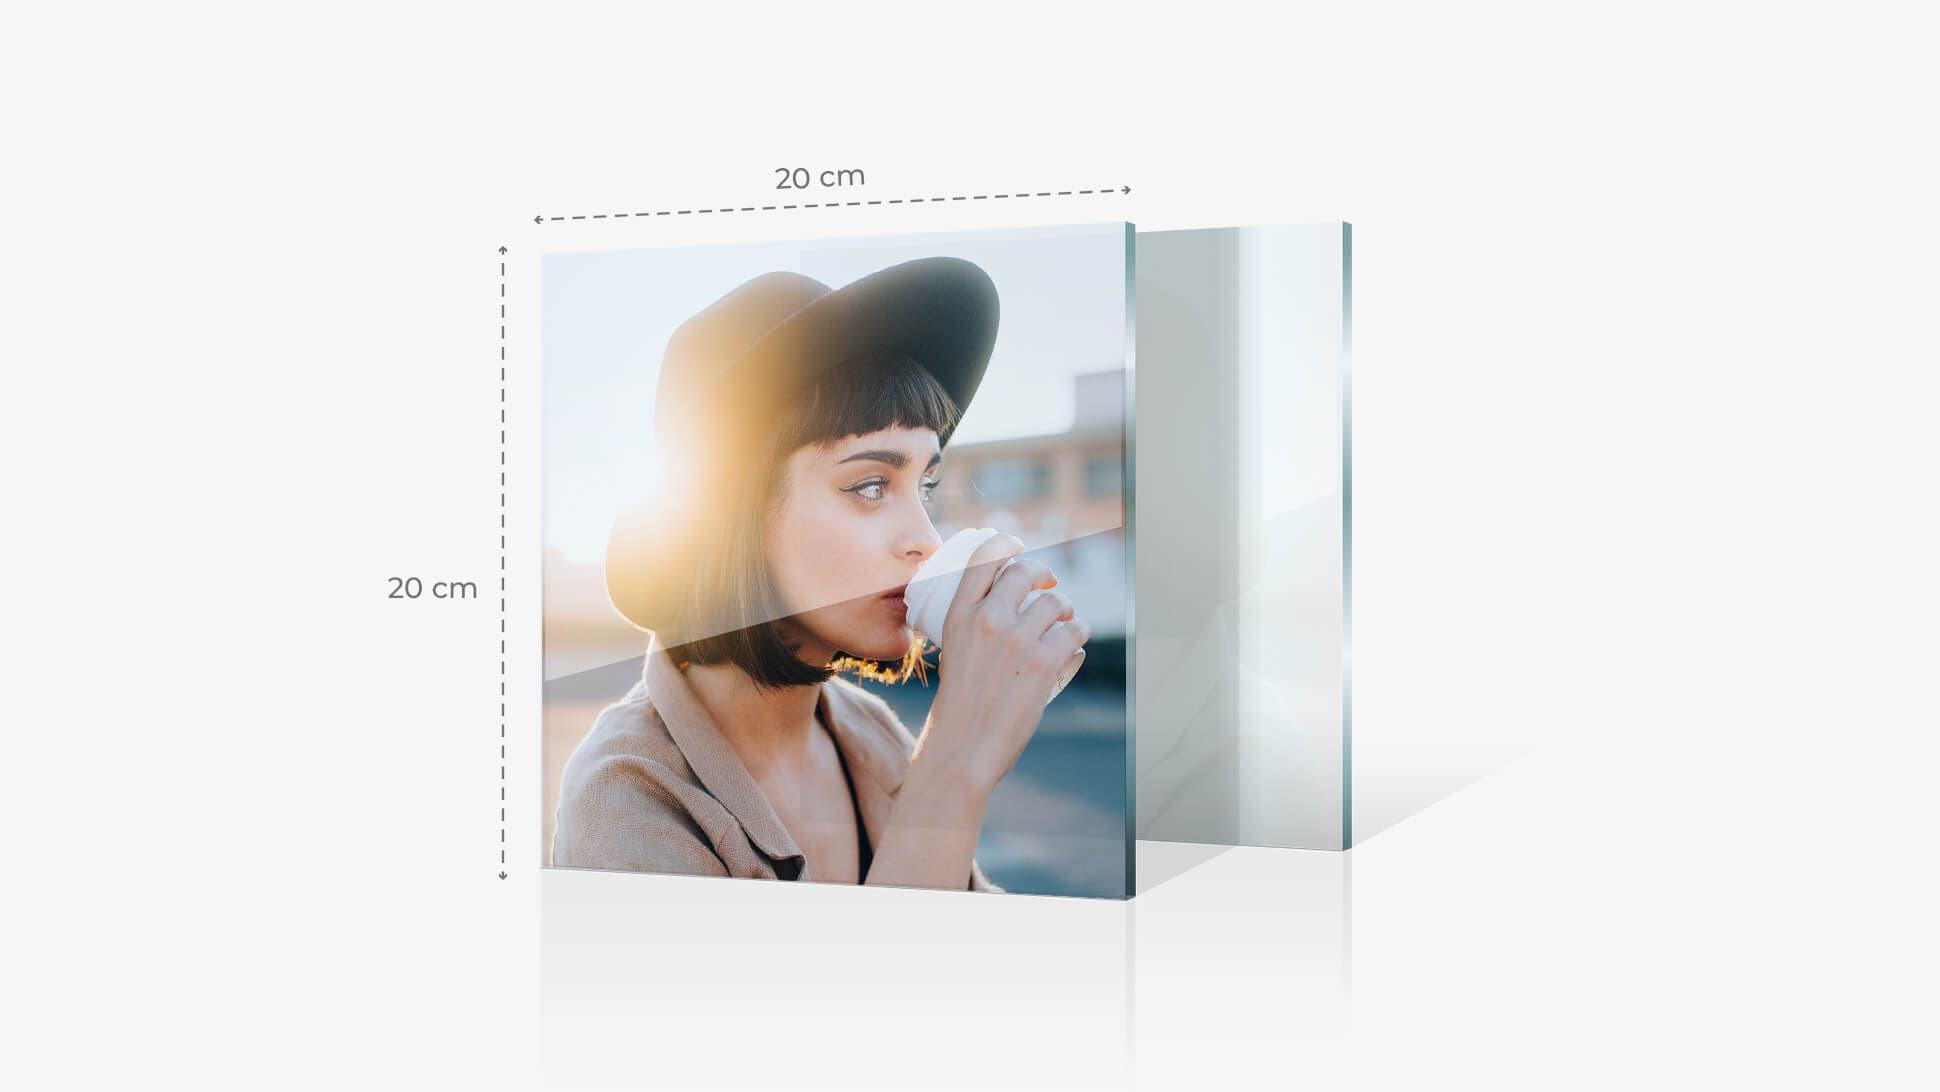 Foto su vetro acrilico 20x20 cm con grafica | tictac.it